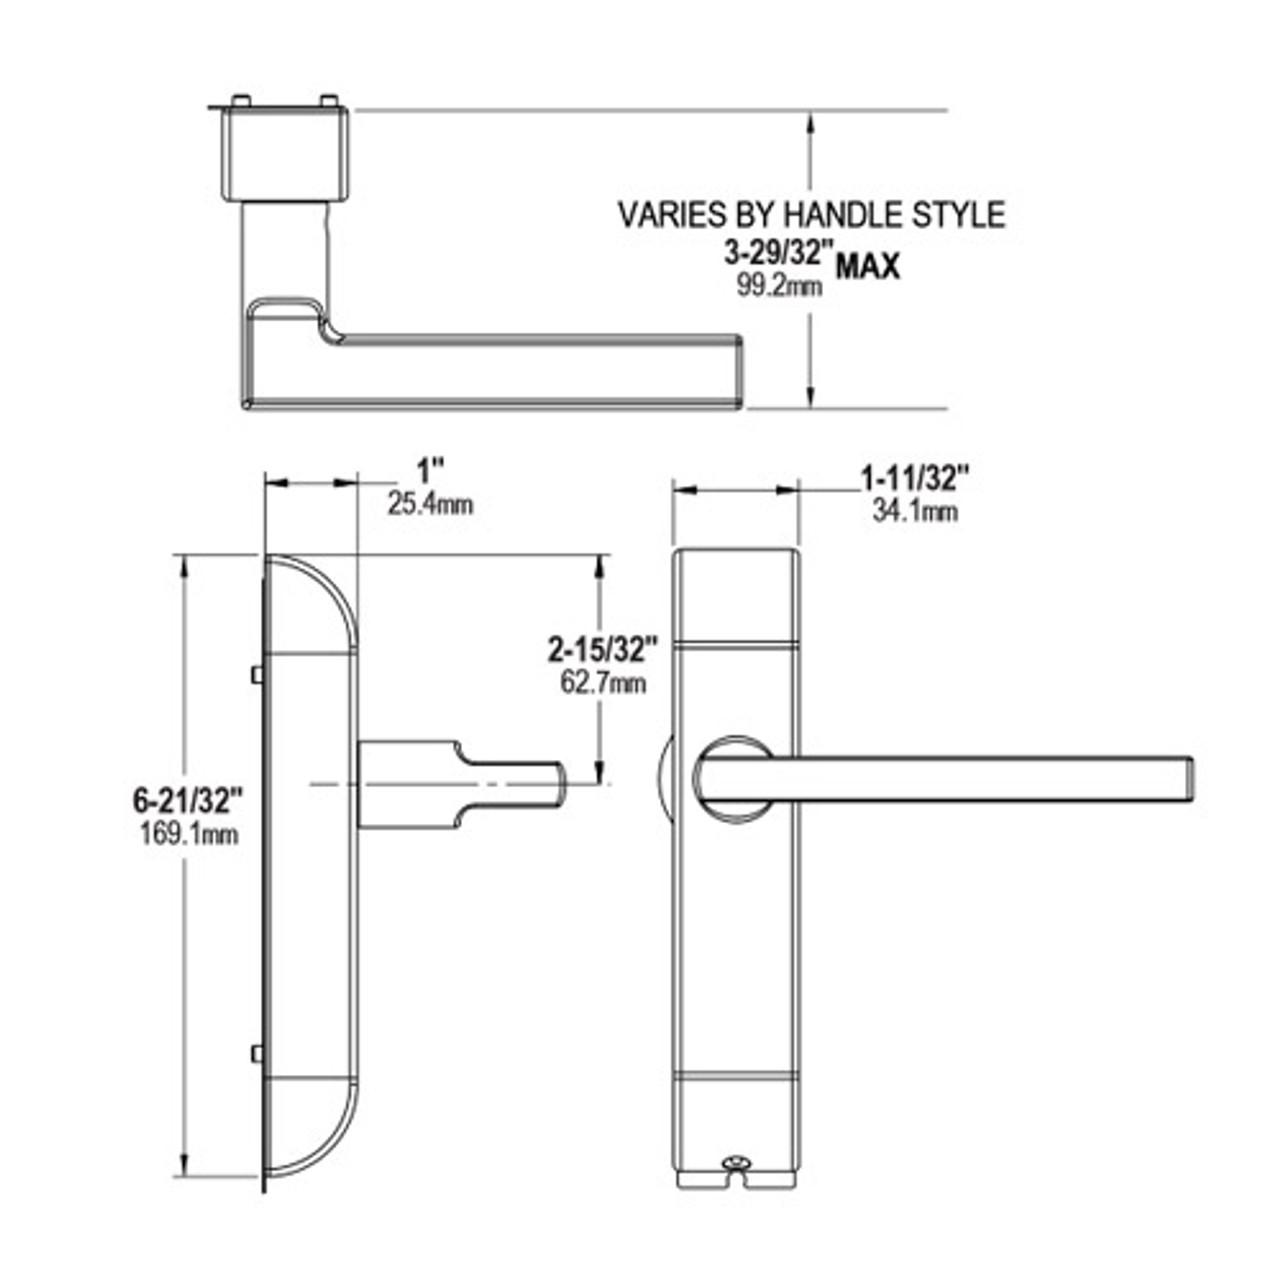 4600M-MJ-511-US10B Adams Rite MJ Designer handle Dimensional View